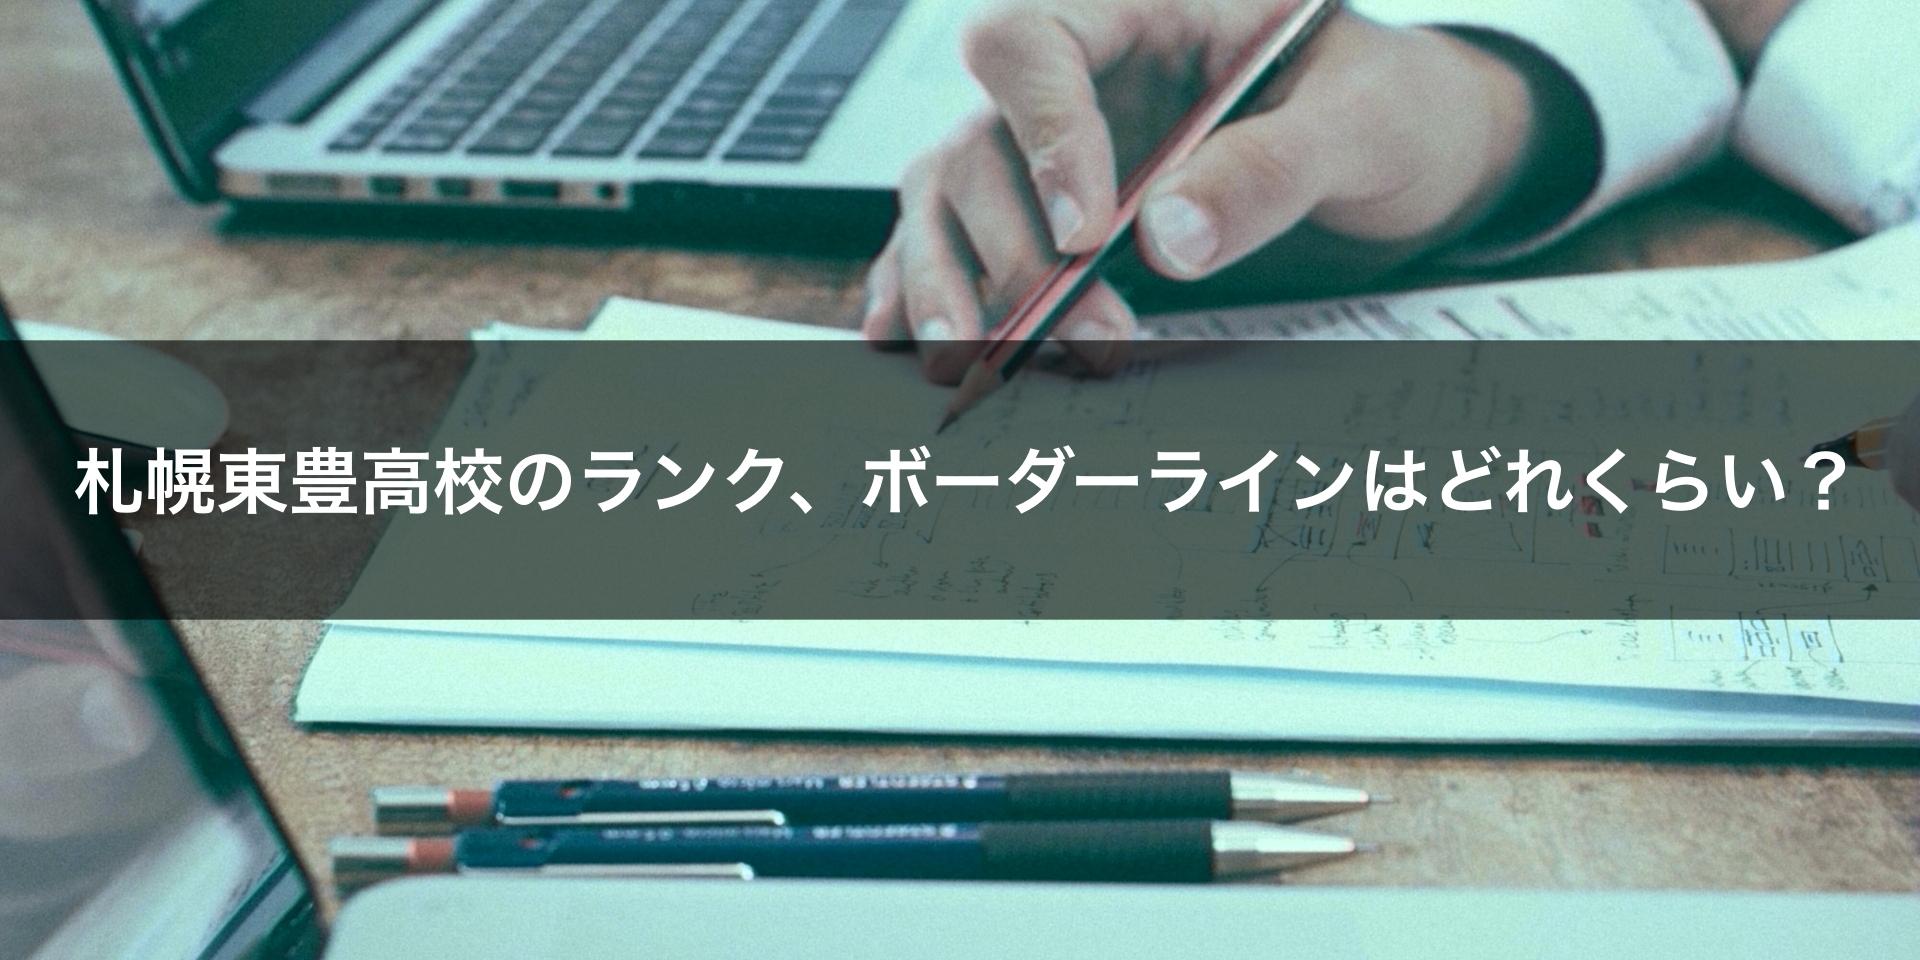 札幌東豊高校のランク、ボーダーラインはどれくらい?